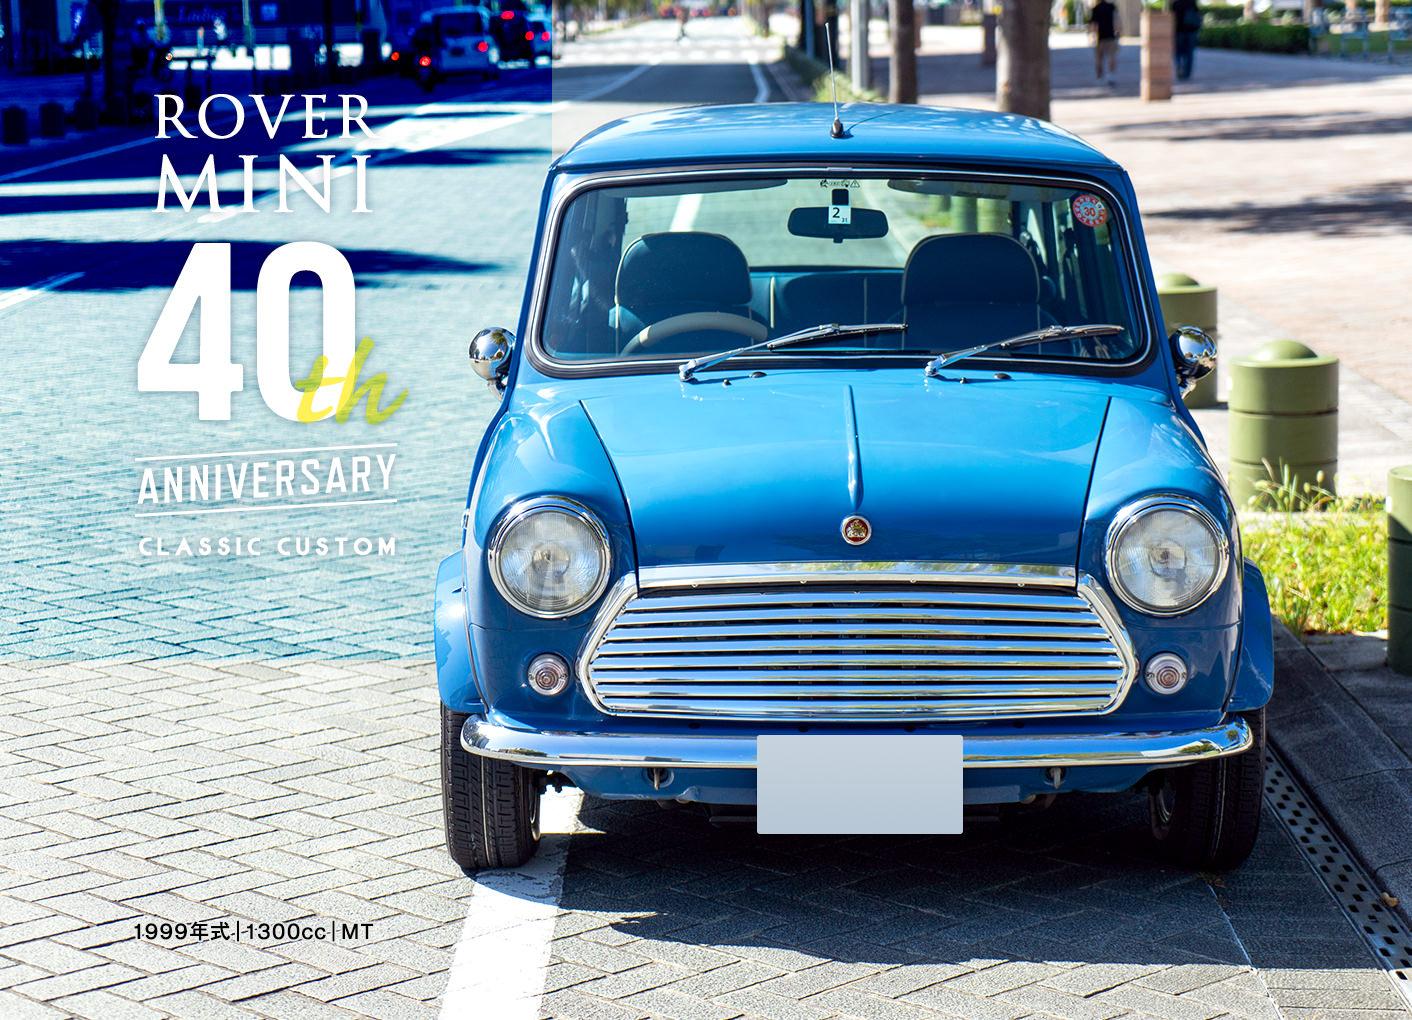 ローバーミニ40周年モデル クラシックカスタム